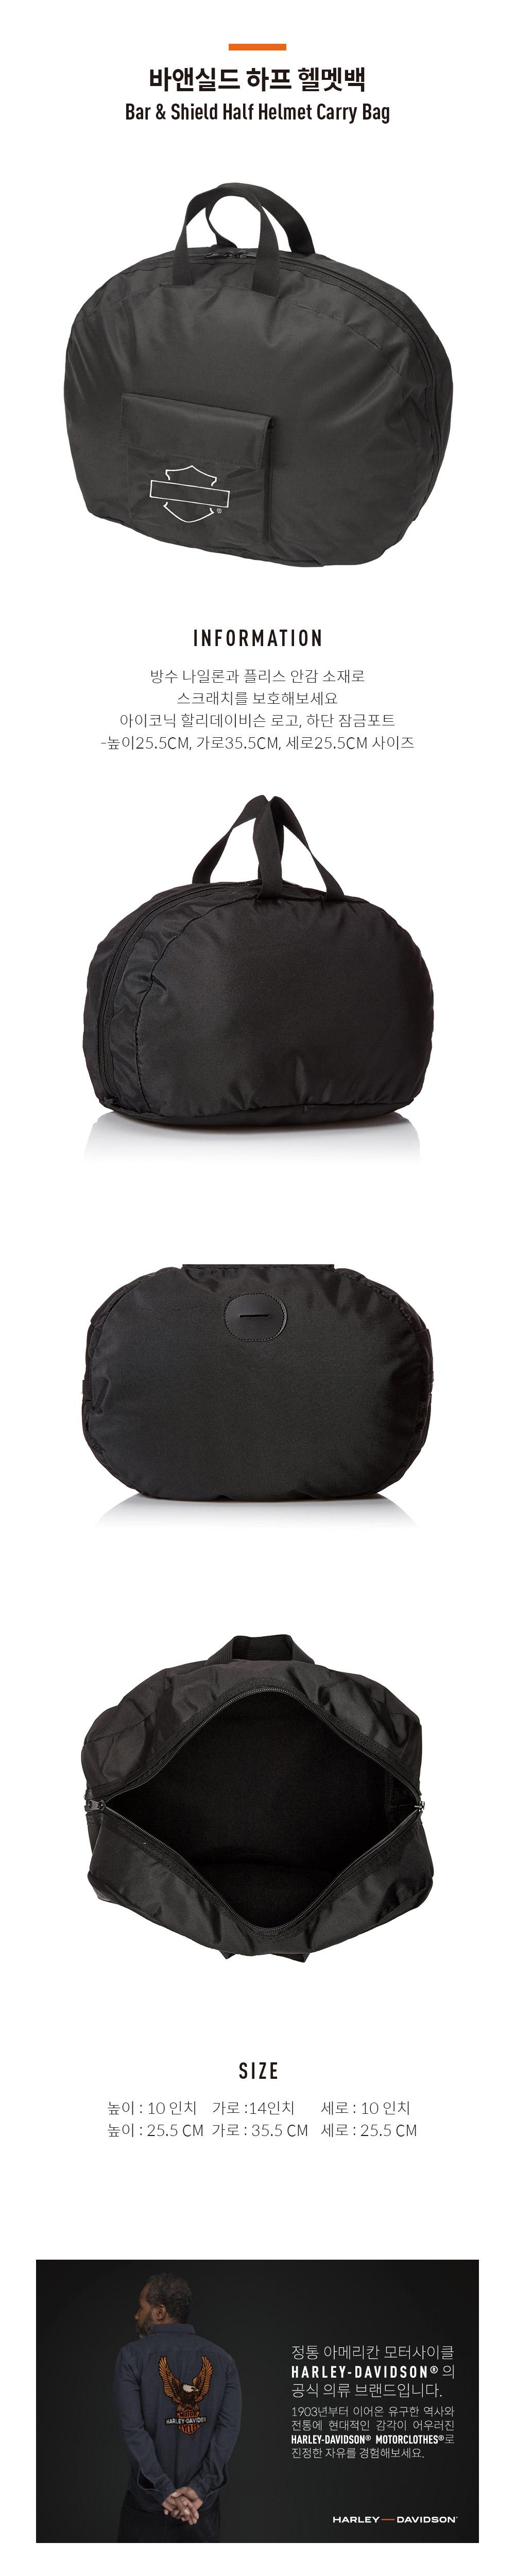 할리데이비슨 바앤실드 하프 헬멧백